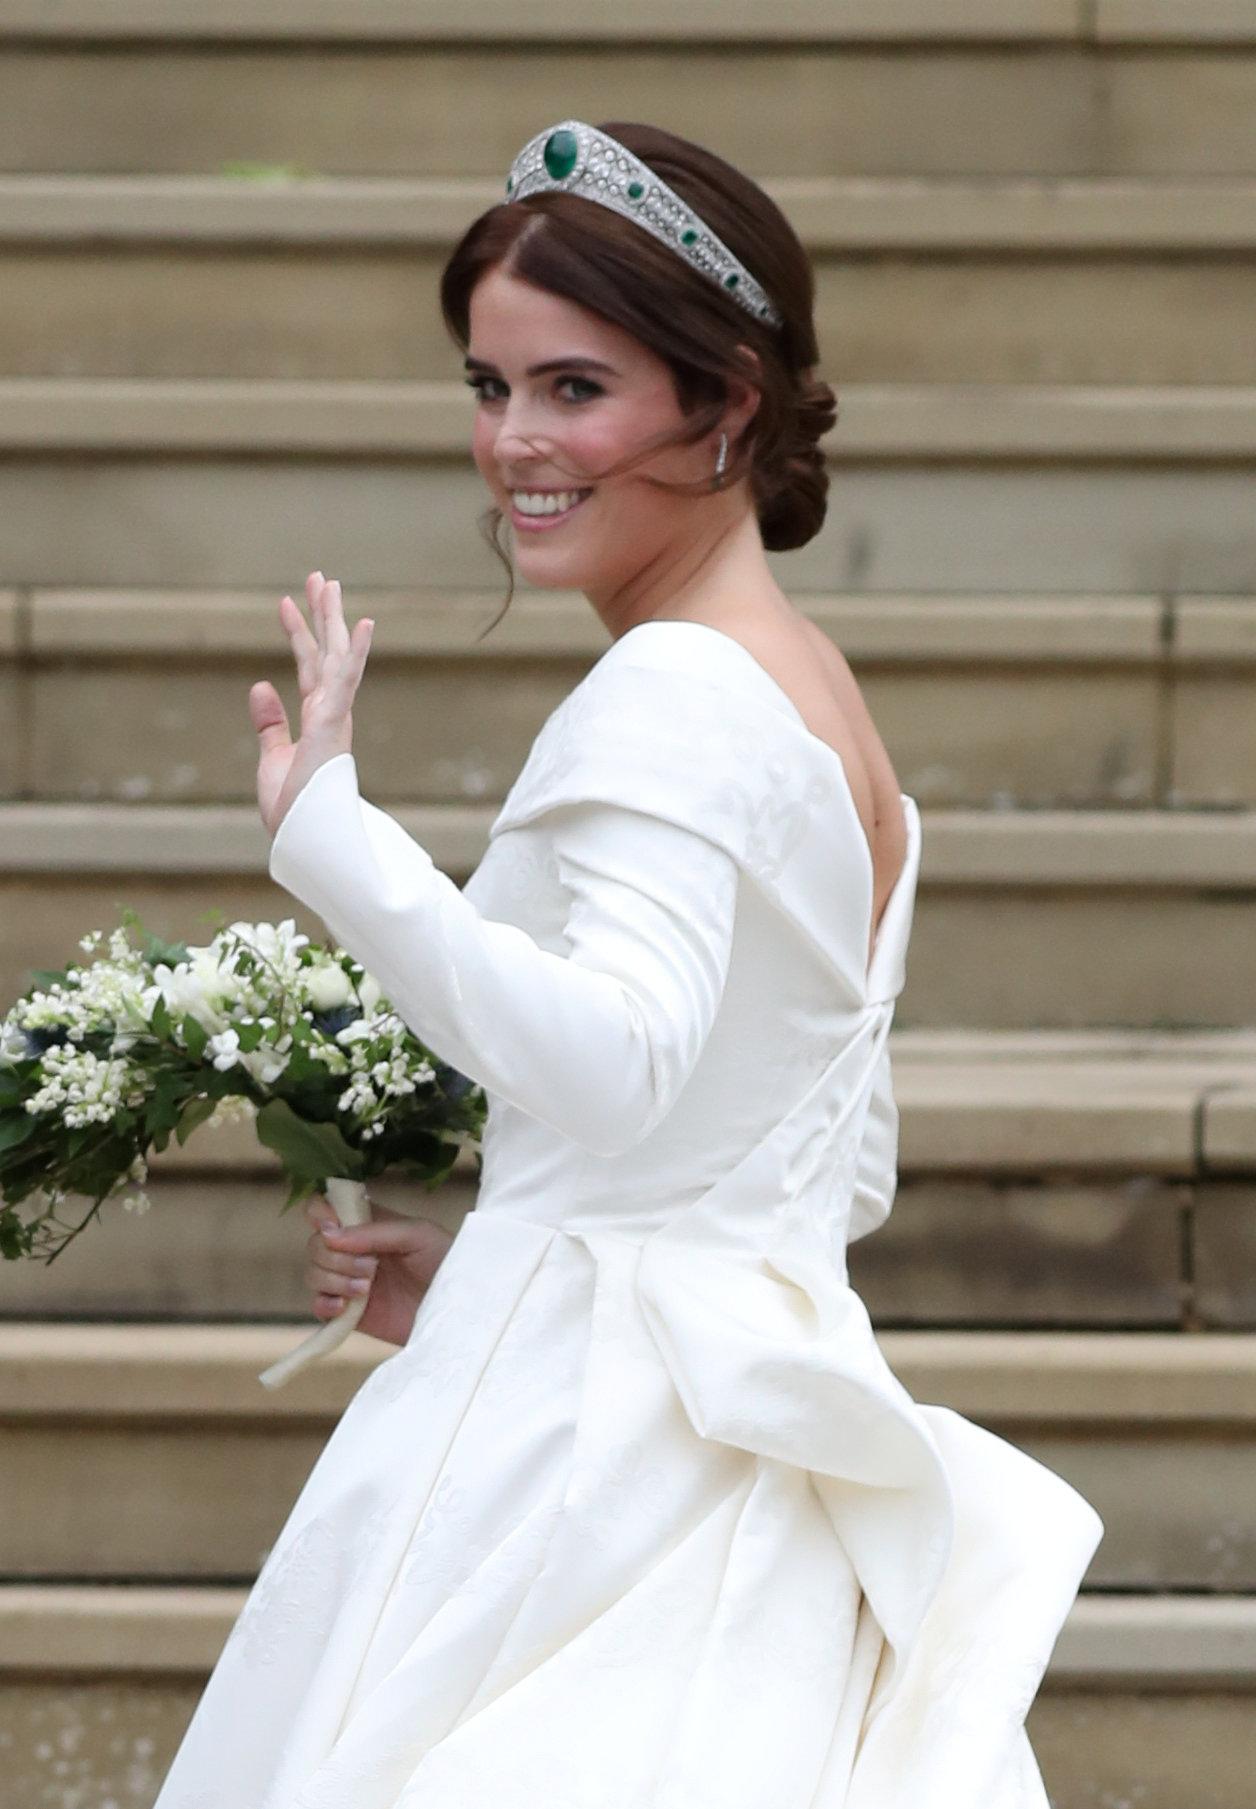 اطلالة الأميرة يوجينى بالتاج الماسي